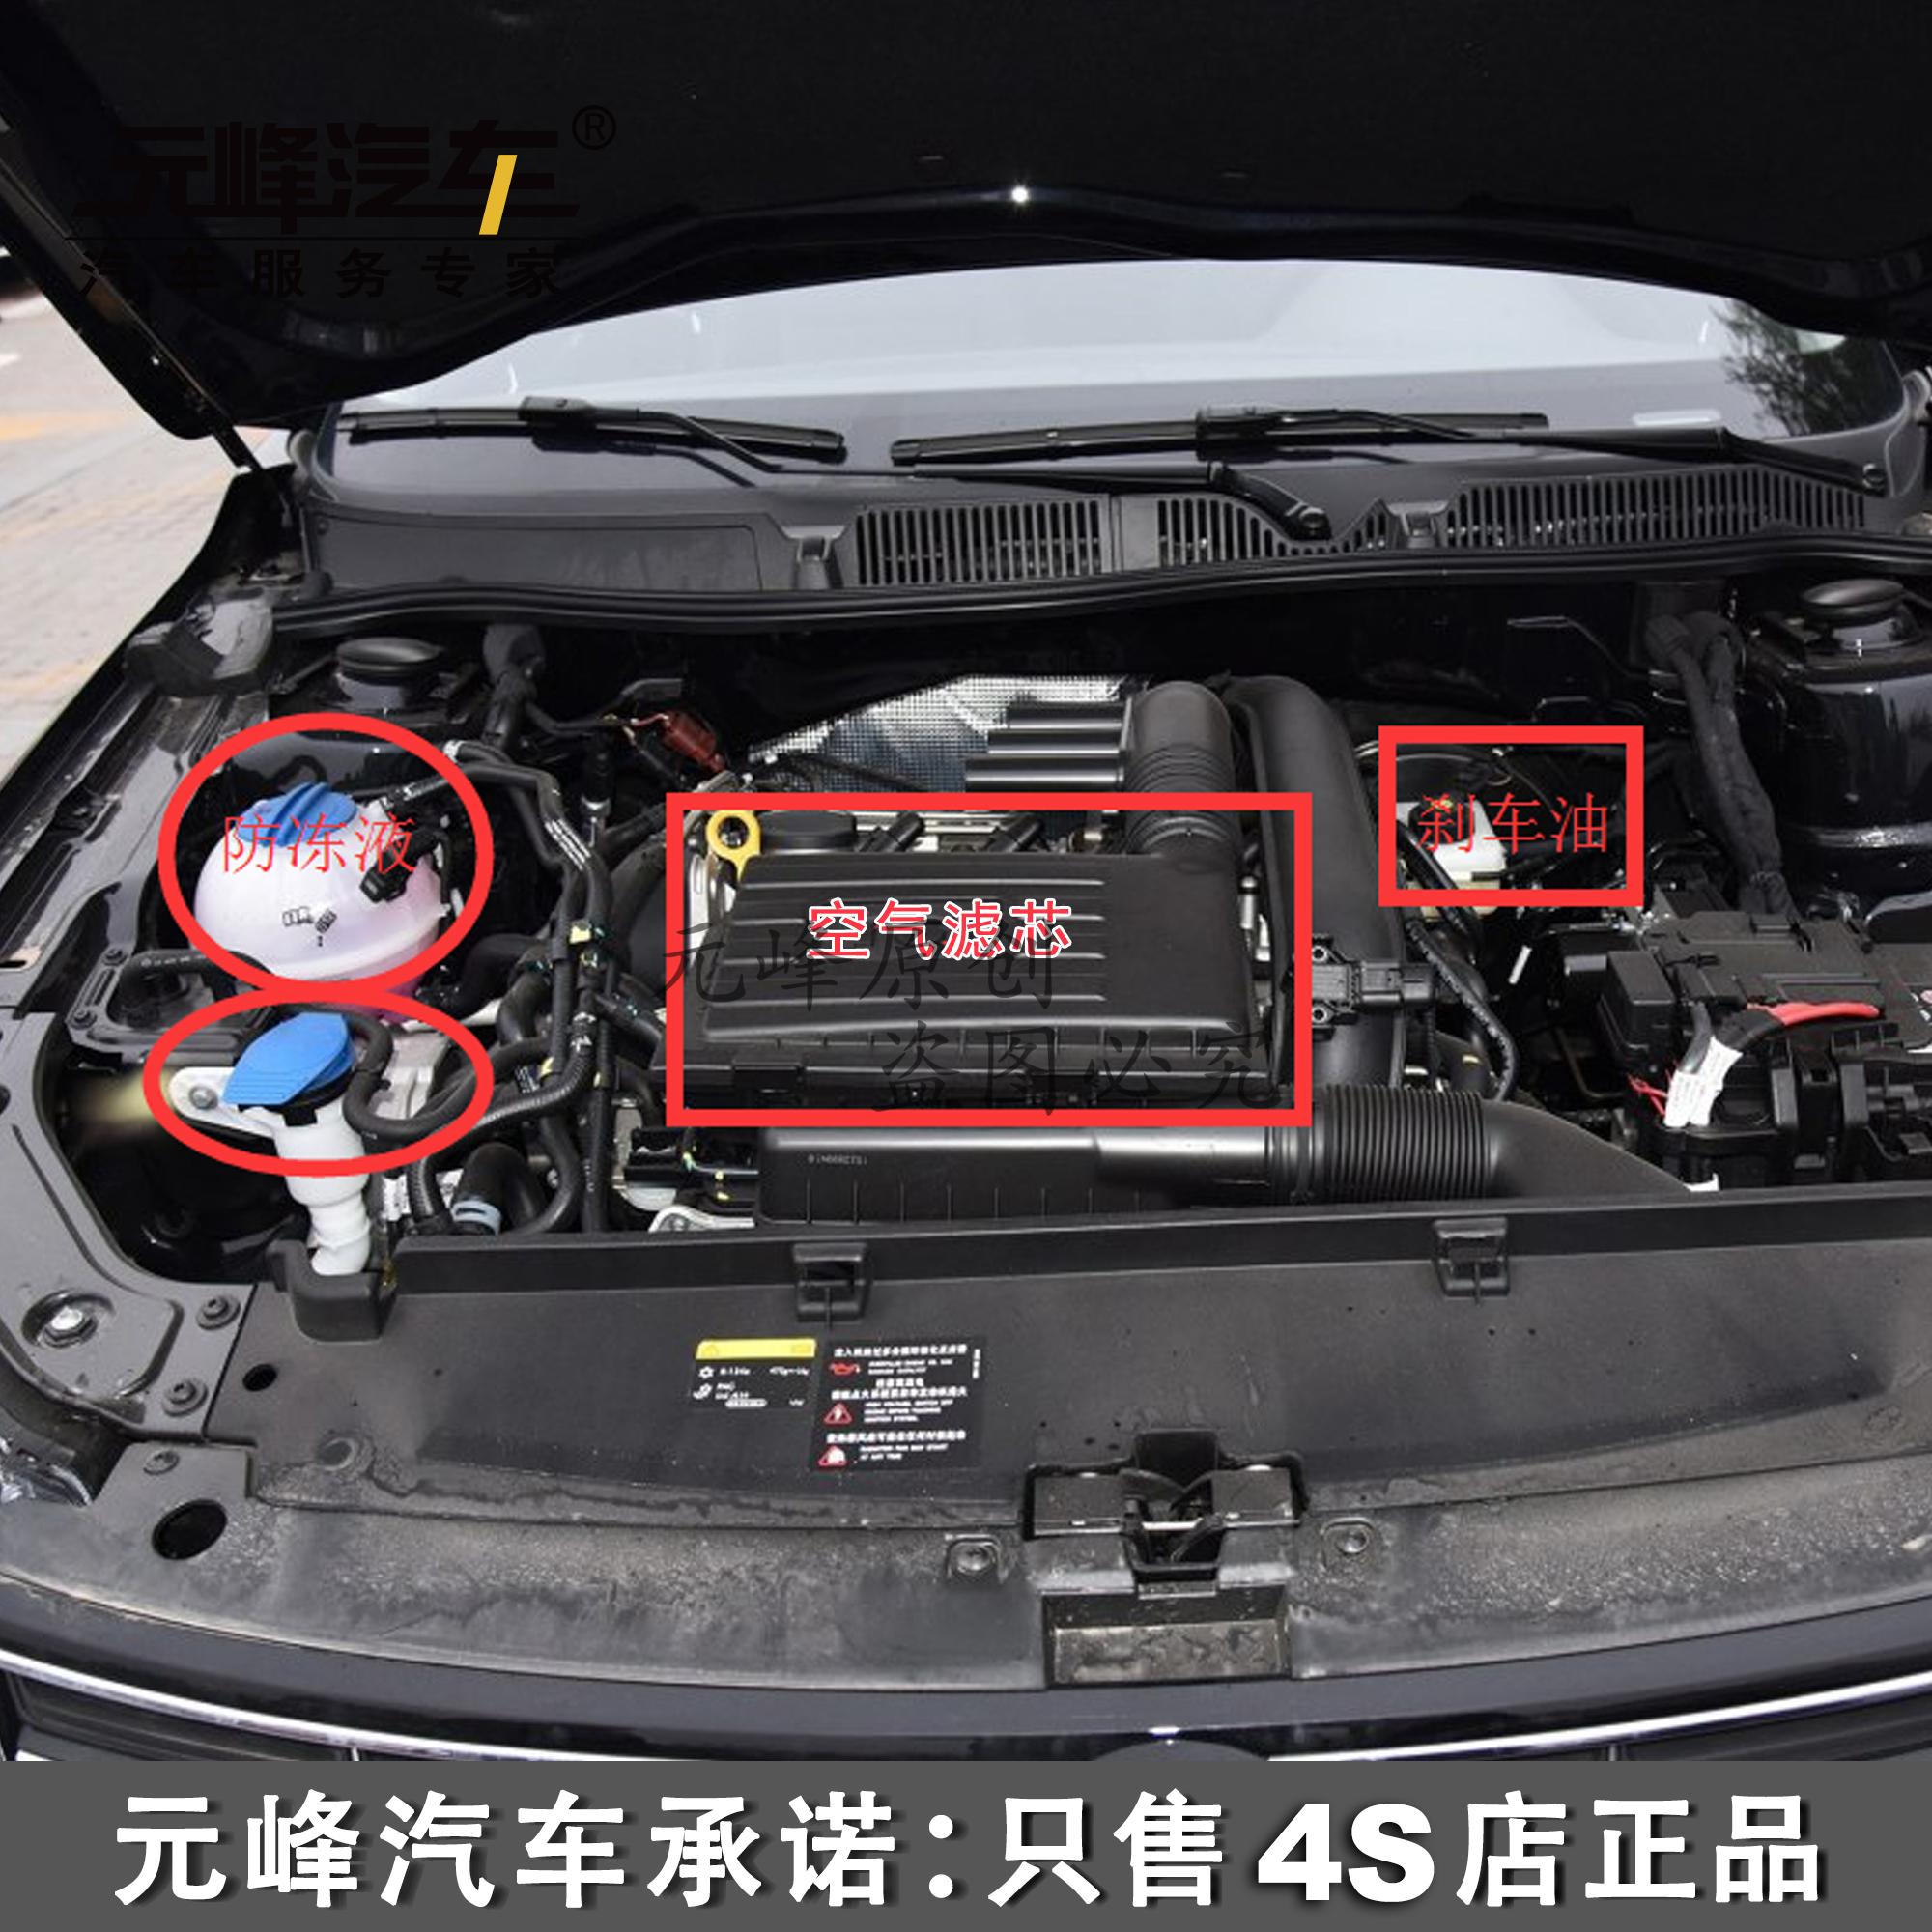 元峰汽车上海大众斯柯达原ea211发动机1.4t空气滤芯滤清器空滤格